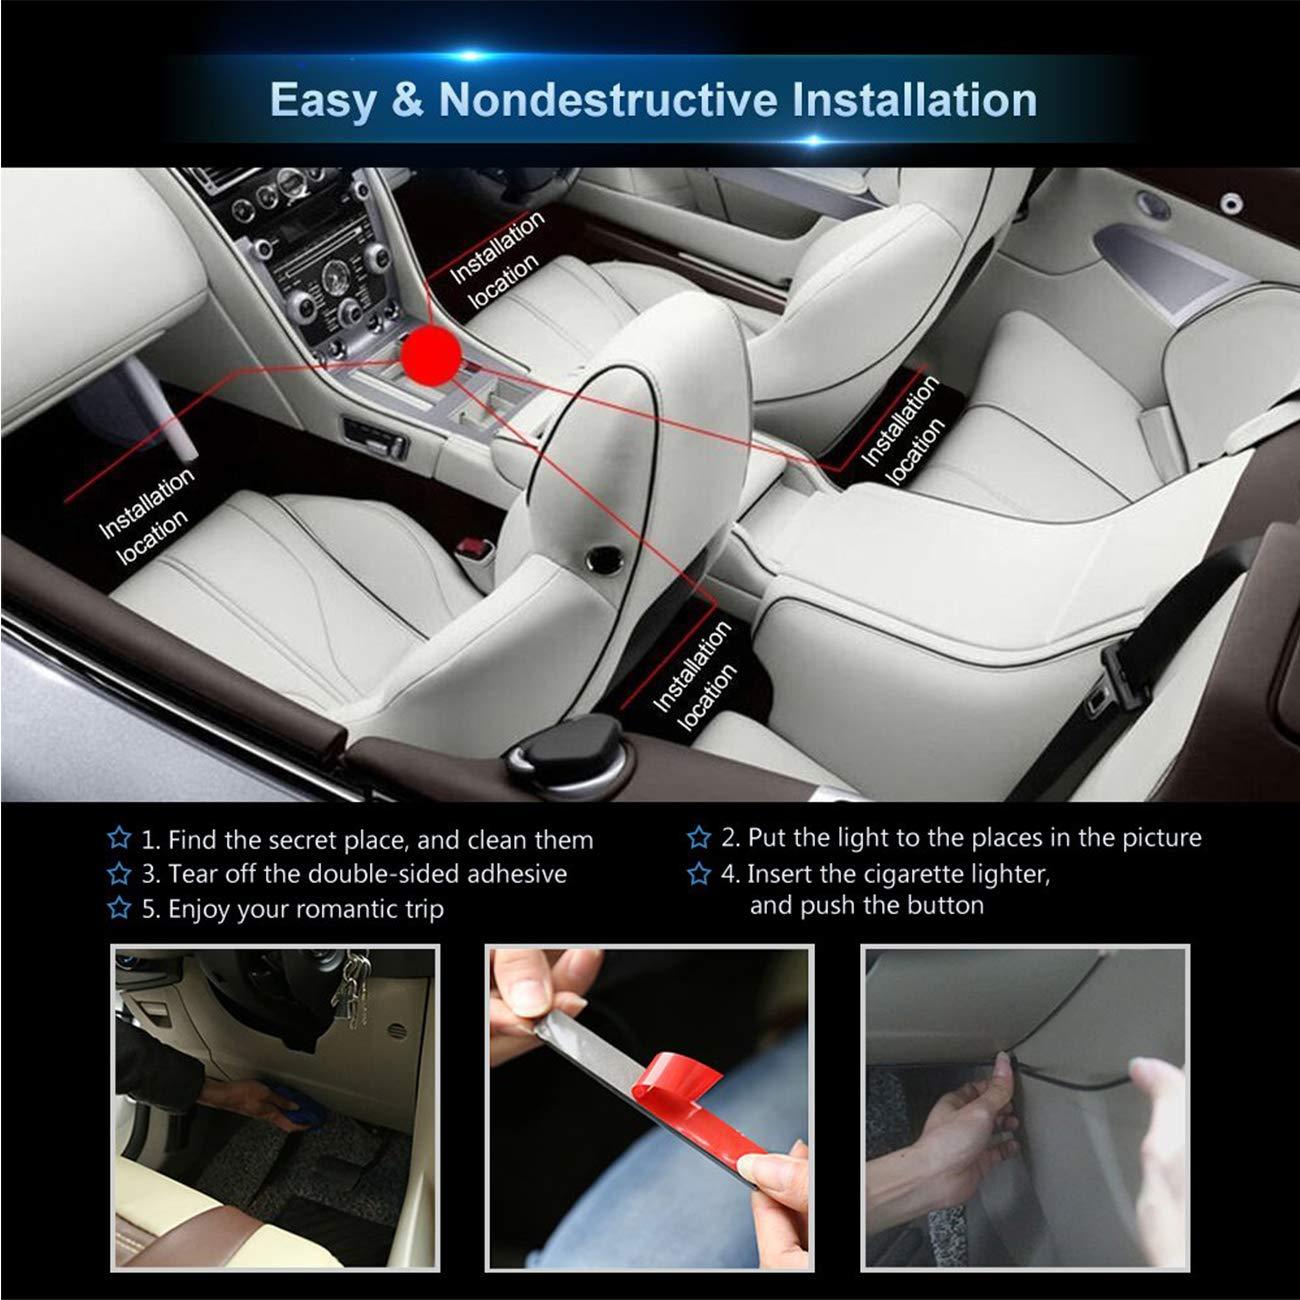 Luci di striscia a LED per auto 48 Luci di illuminazione per interni auto LED Luce multicolore Kit di illuminazione per sottoscocca a colori con funzione audio attiva e telecomando senza fili